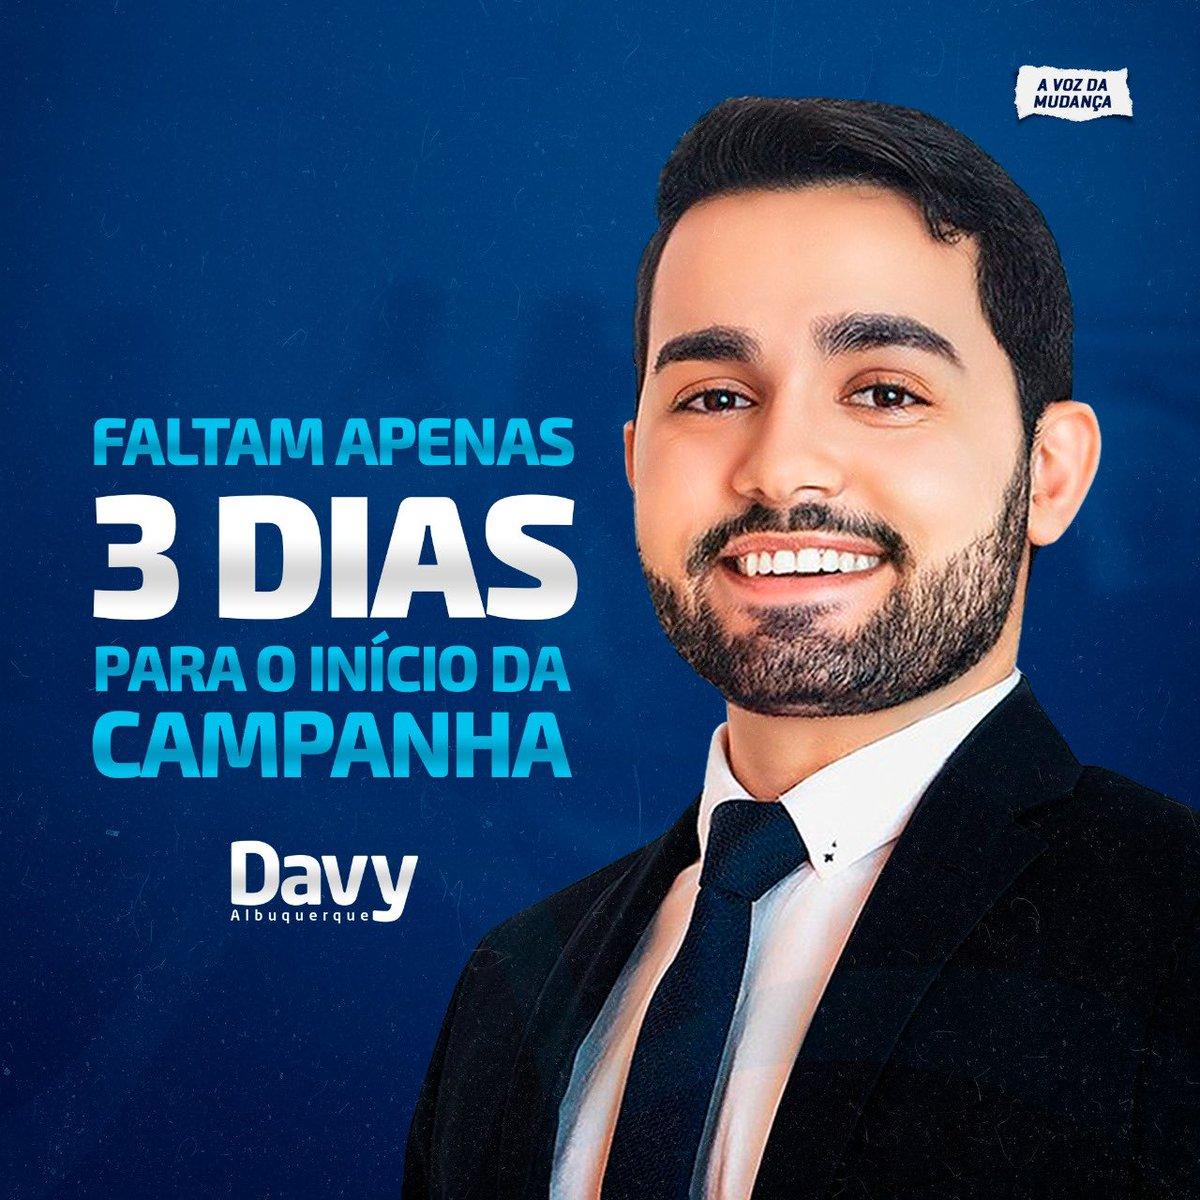 Faltam apenas 3 dias para o início da minha campanha eleitoral para vereador do Rio de Janeiro!  Estão prontos para iniciarmos o processo de uma verdadeira mudança no Rio de Janeiro?  #DavyAlbuquerque #RioDeJaneiro #aVozDaMudança https://t.co/4YVFGLlGD9